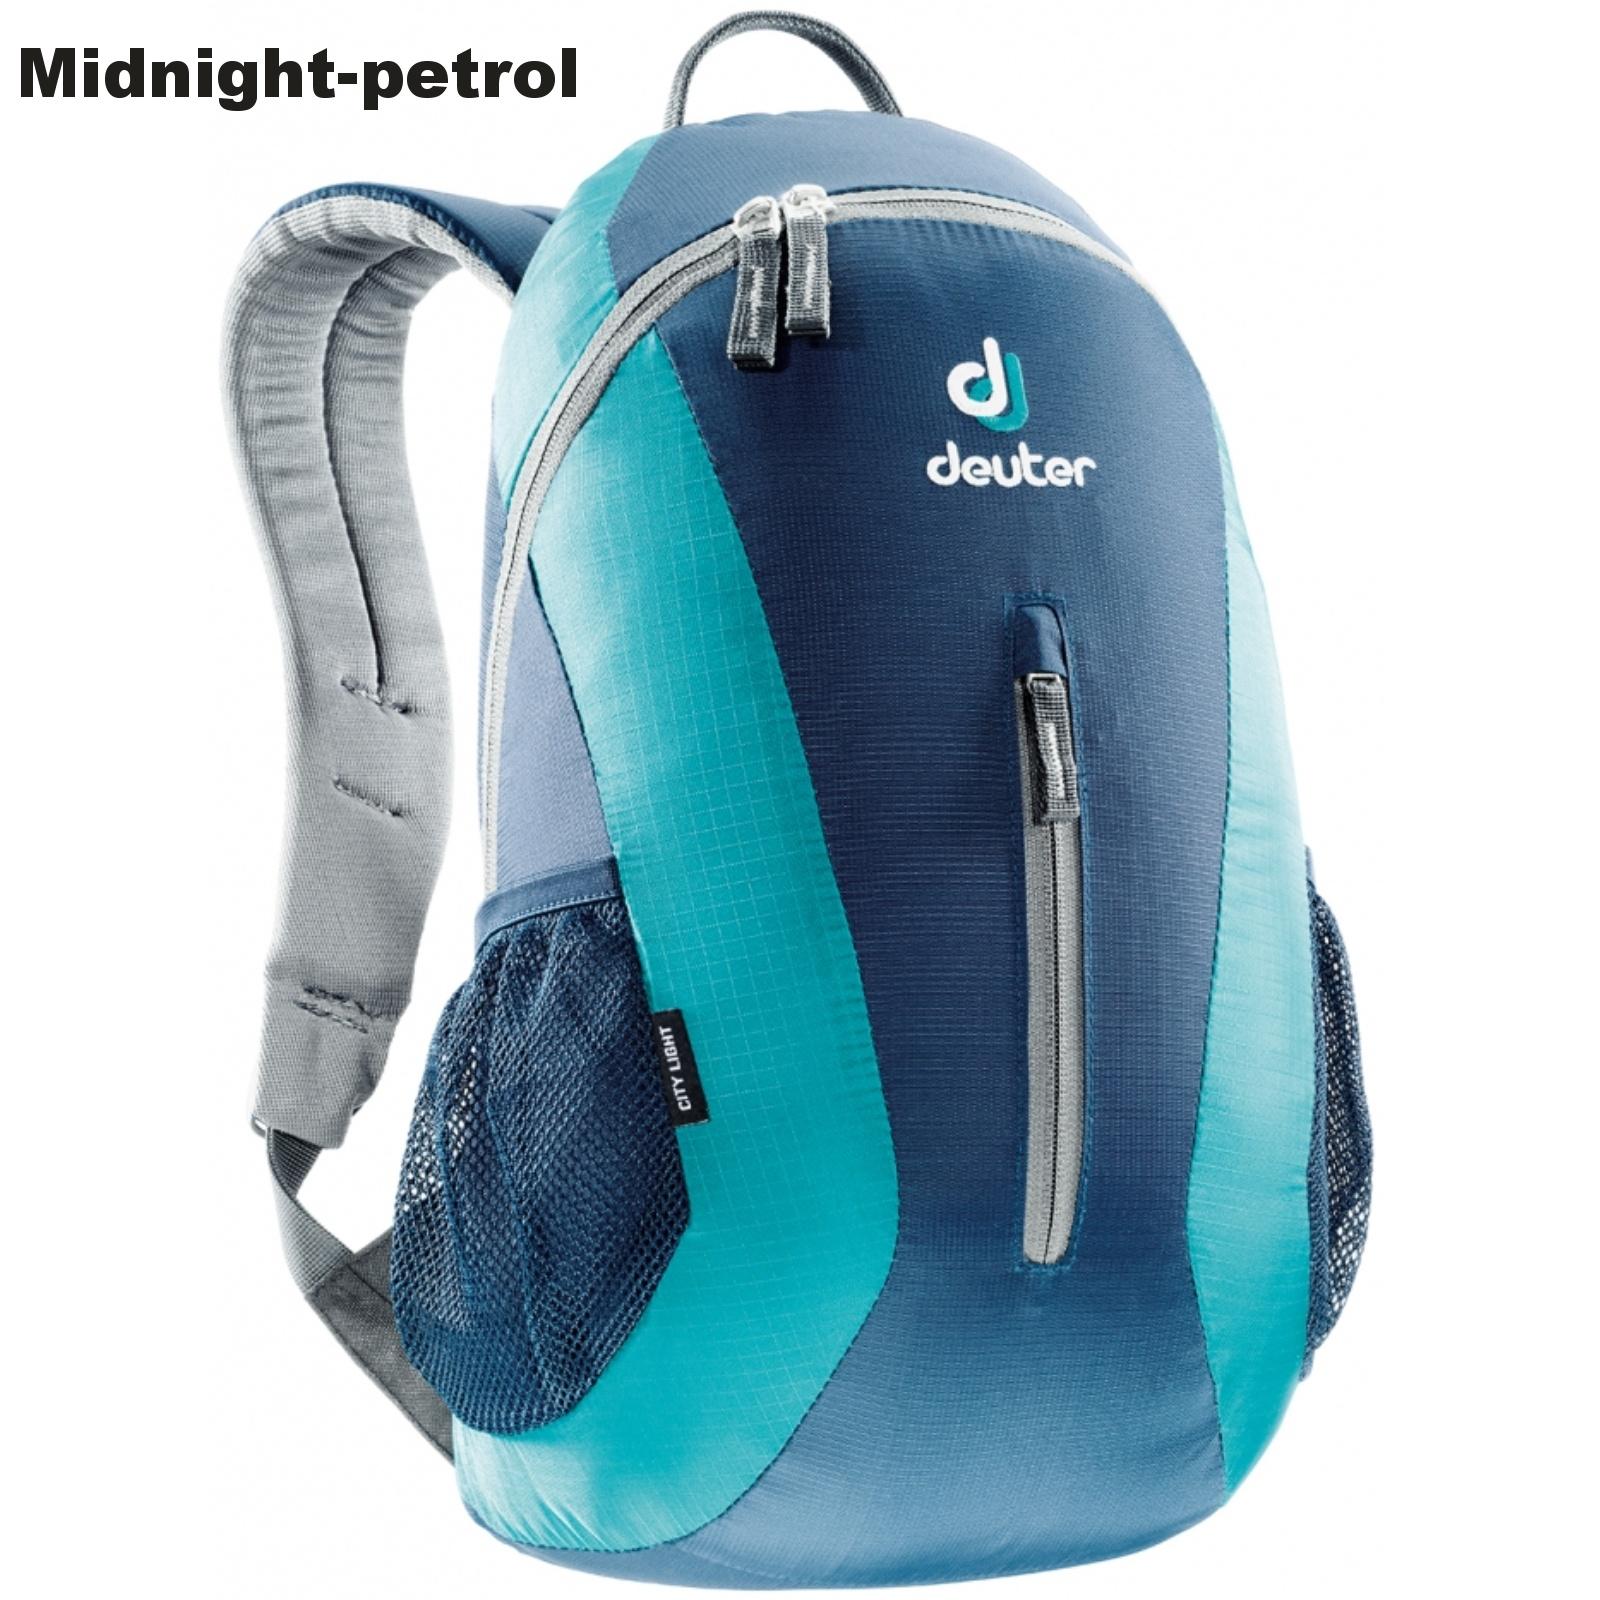 Batoh DEUTER City Light 16 l - midnight-petrol